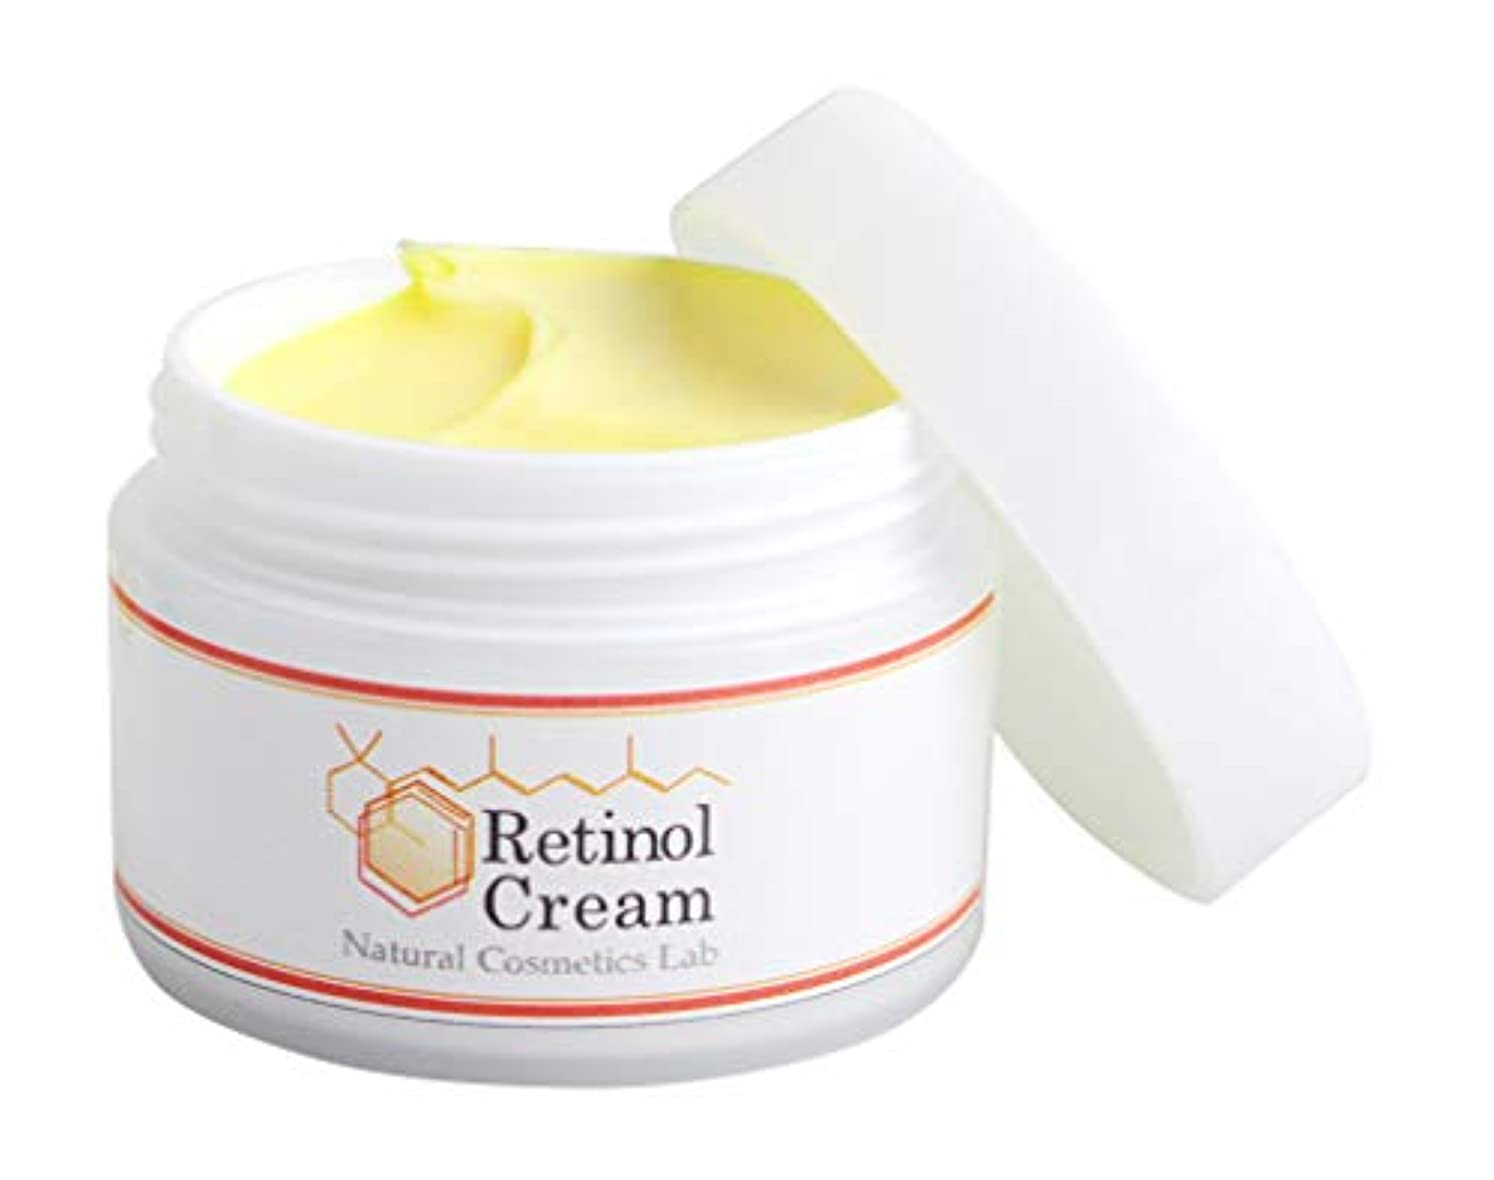 休戦パーセント重なる自然化粧品研究所 レチノールクリーム 35g